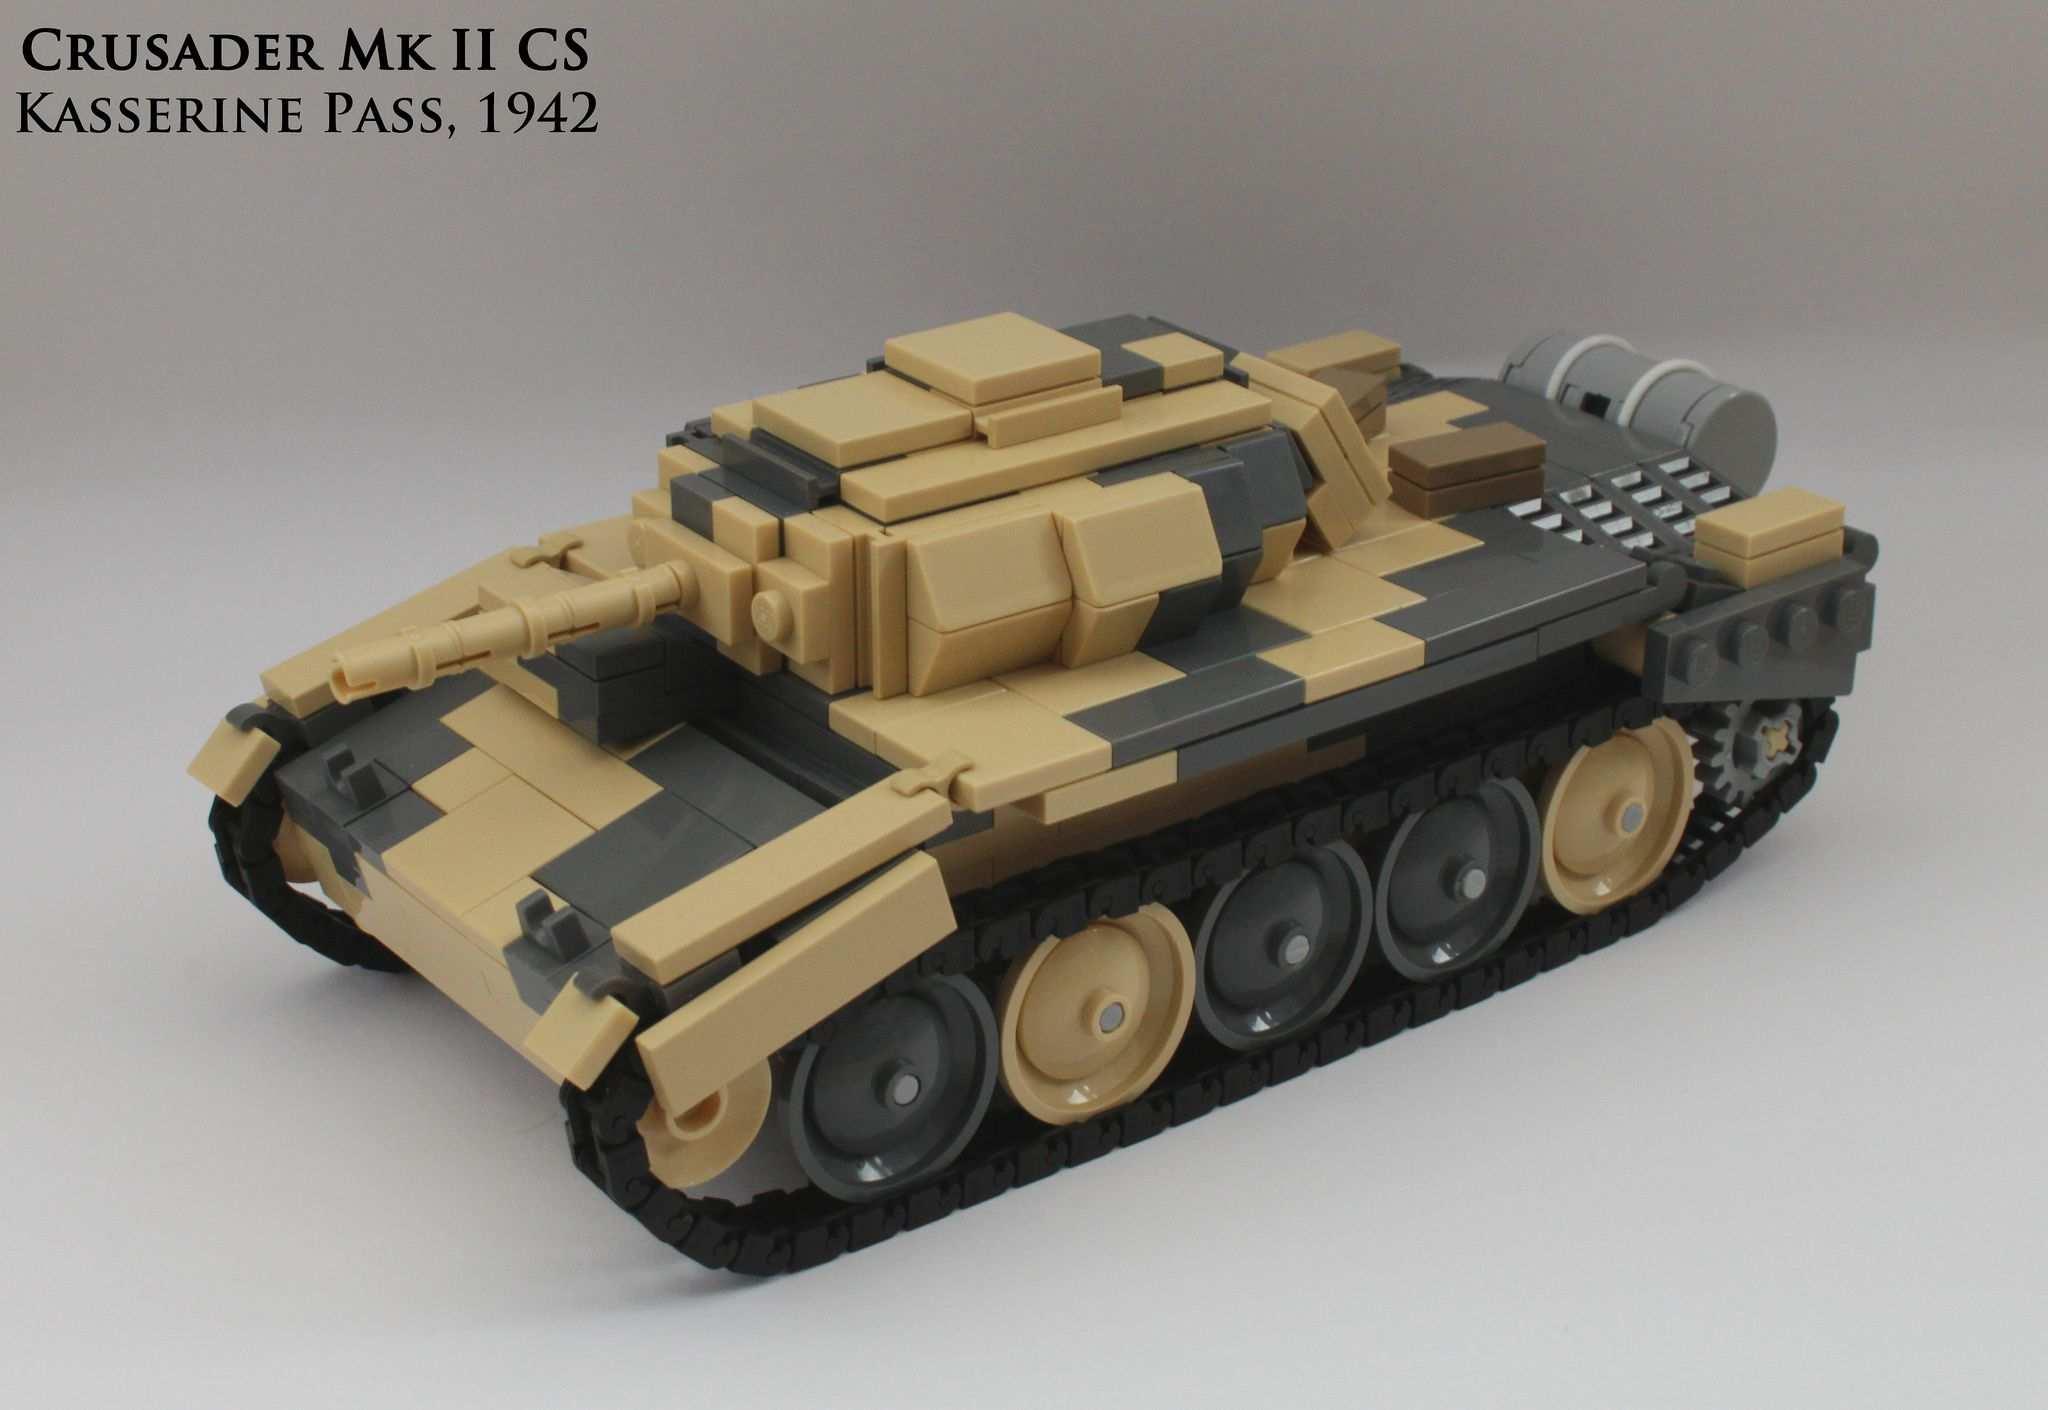 Crusader Mk Ii Cs Lego Military Lego Army Lego Projects